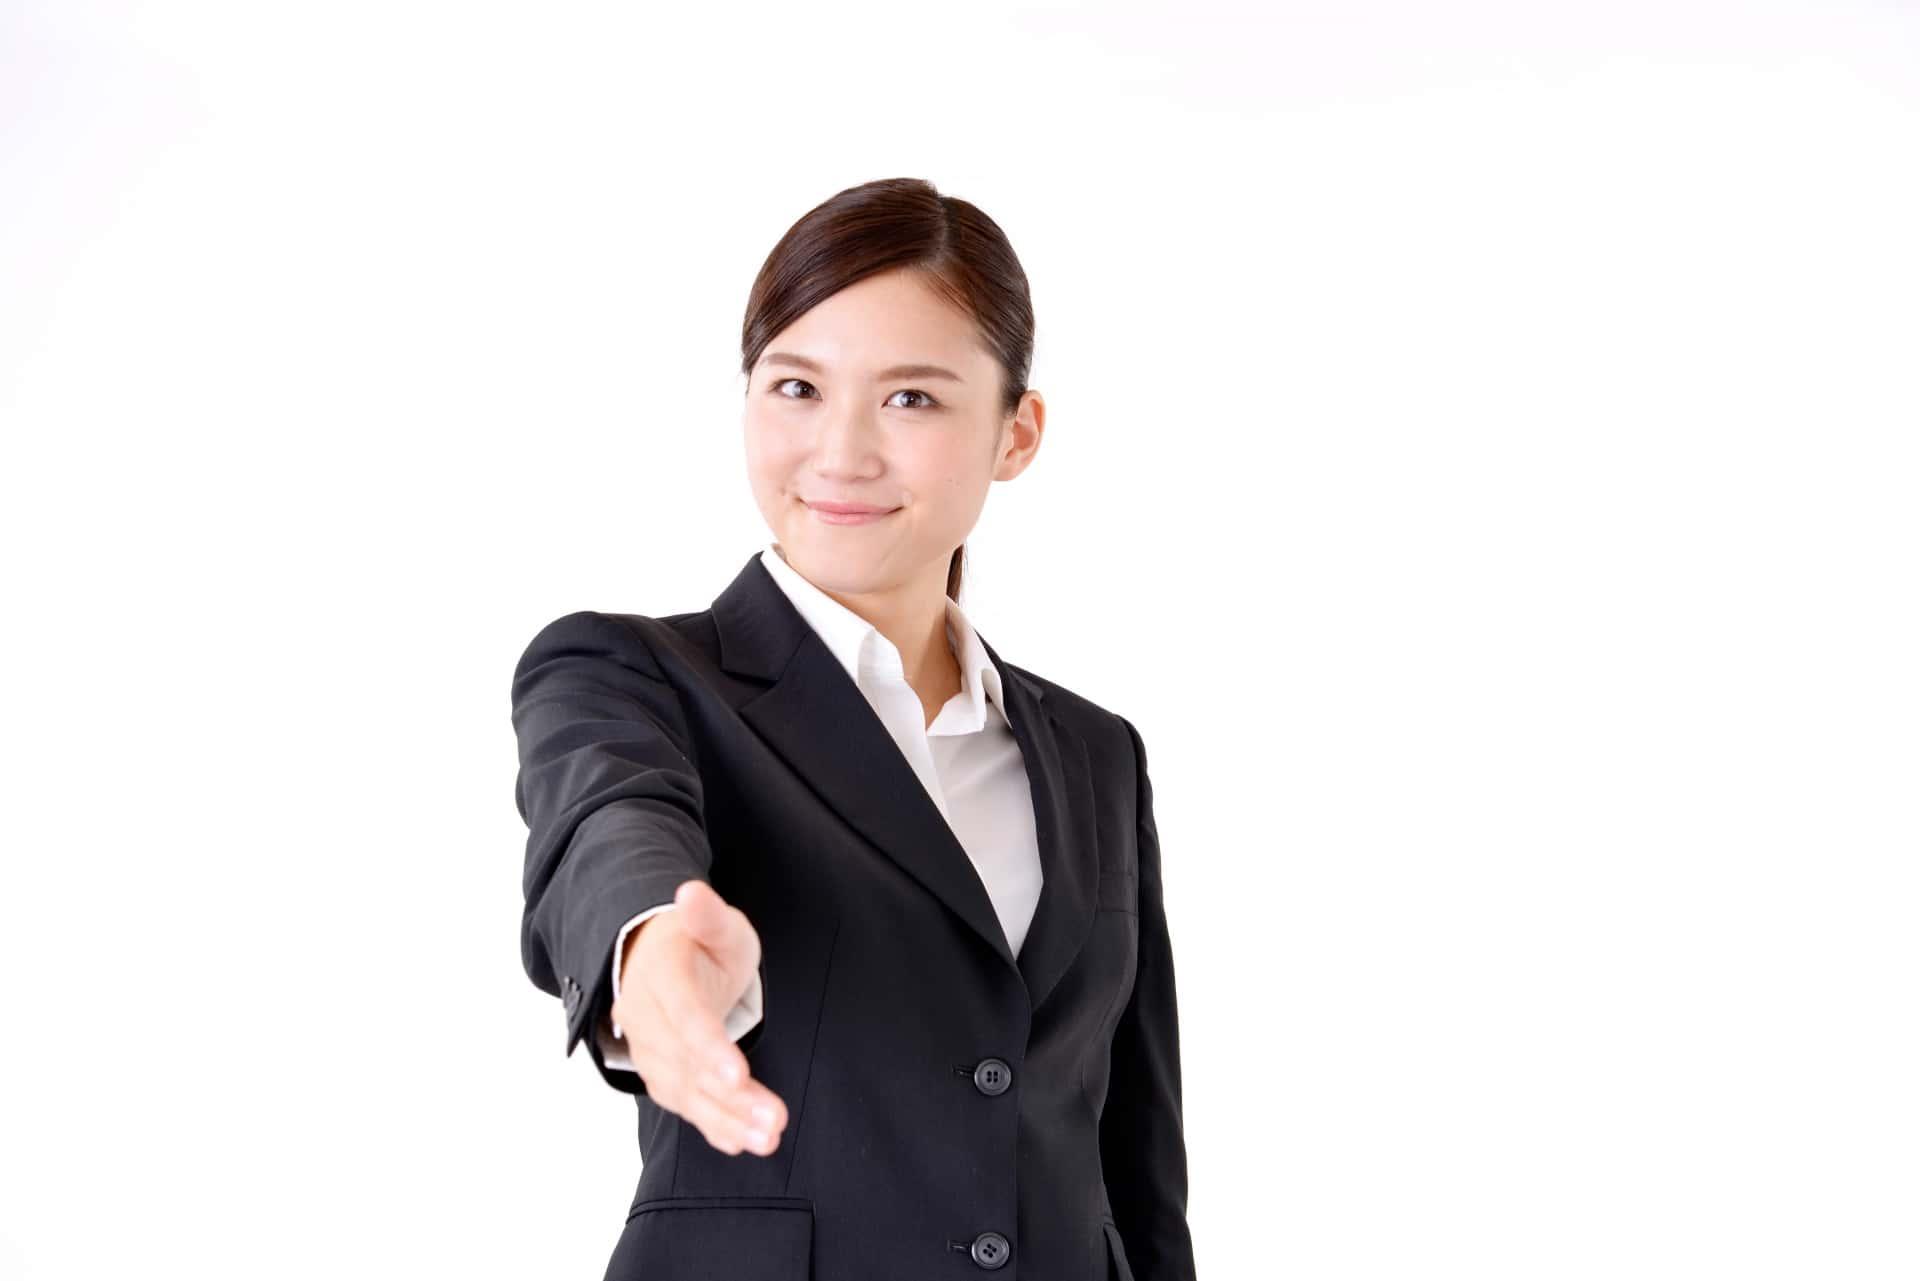 自己紹介の1分で企業へ好印象を与えるポイントと注意点